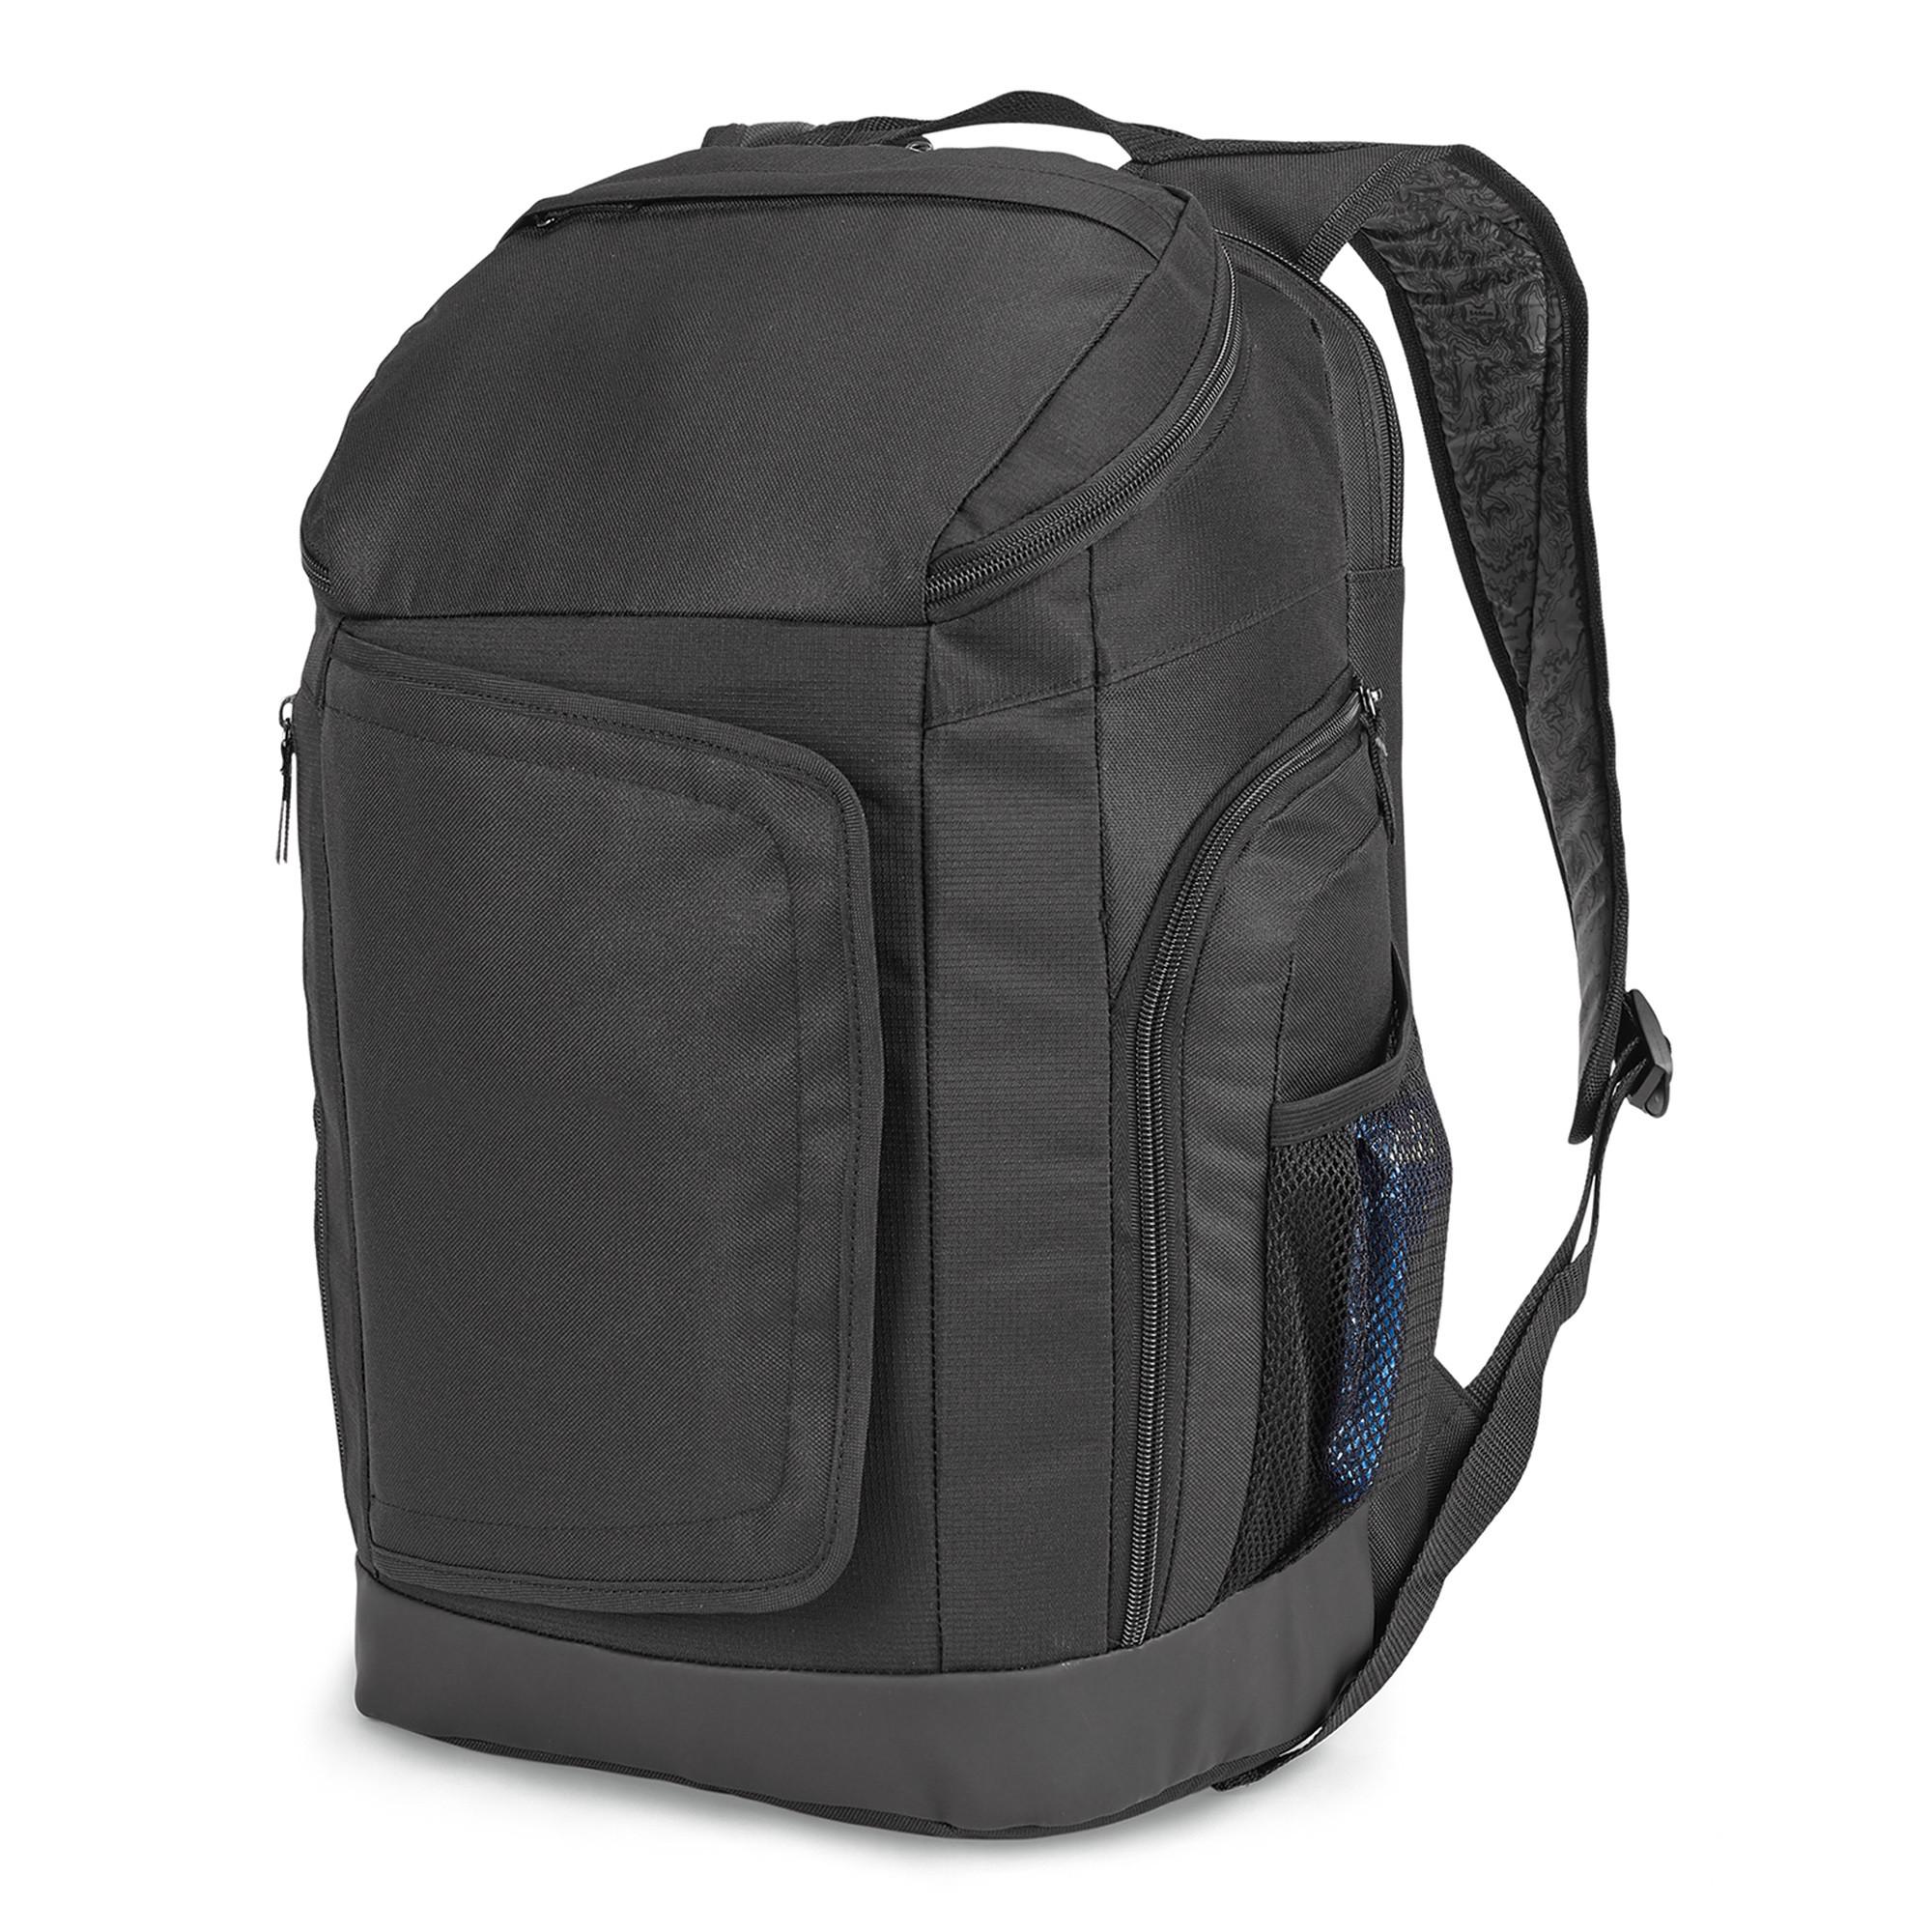 Gemline 5121 - Ryder Computer Backpack